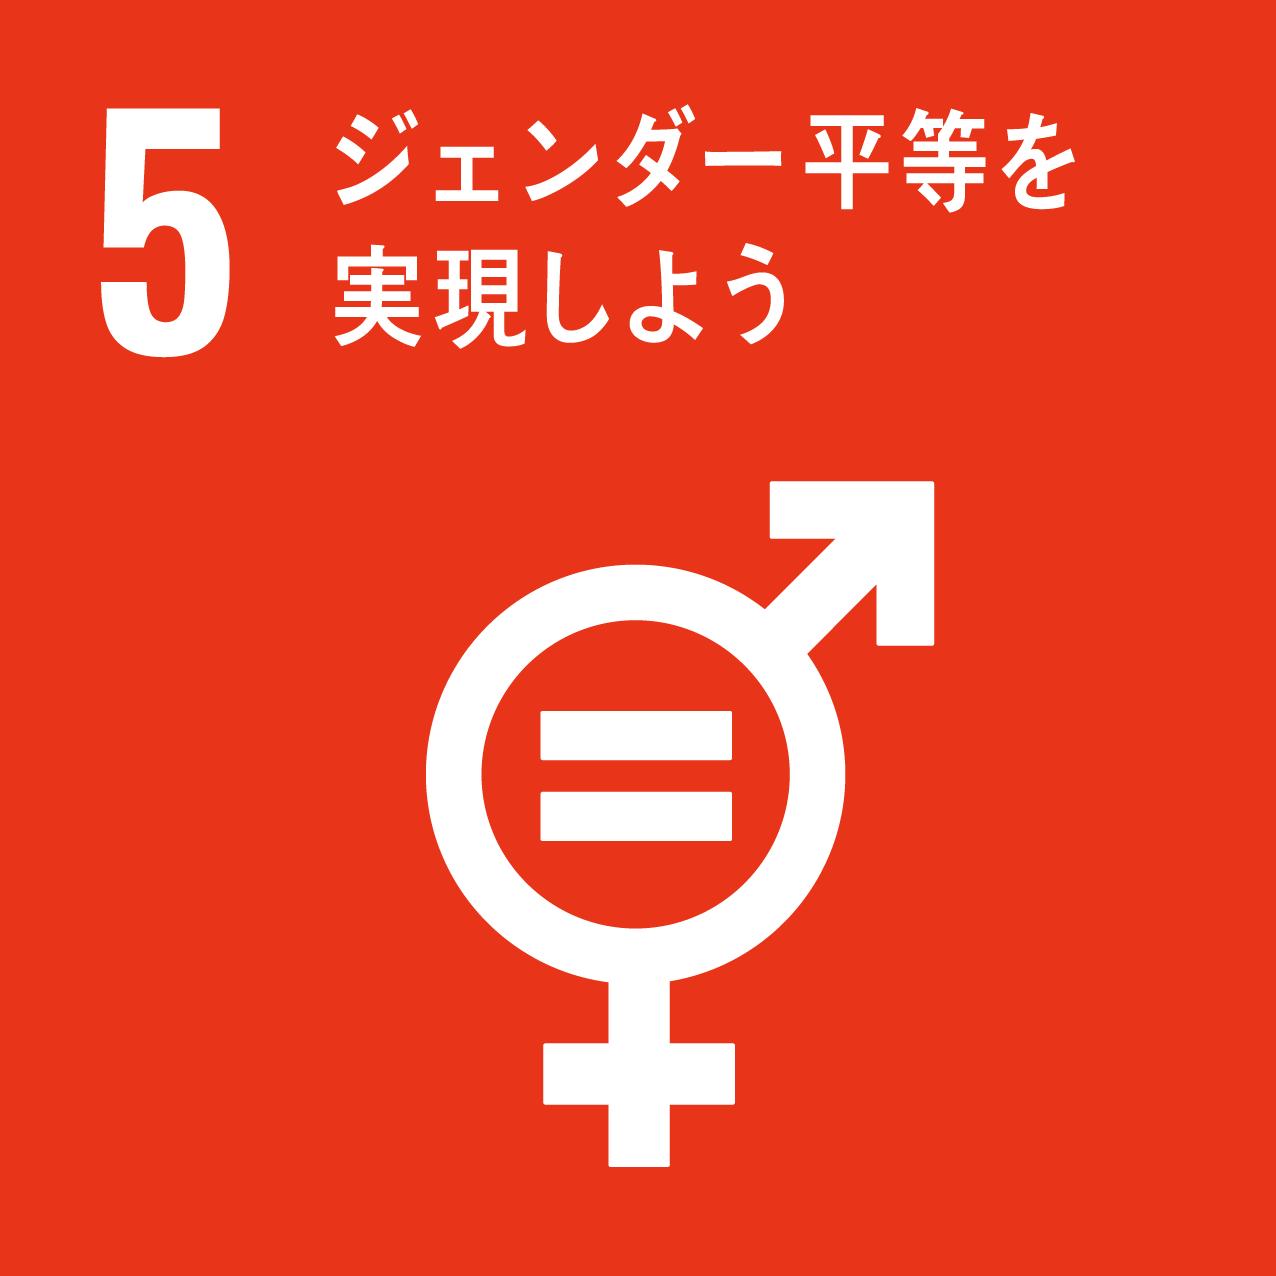 5,ジェンダー平等を実現しよう